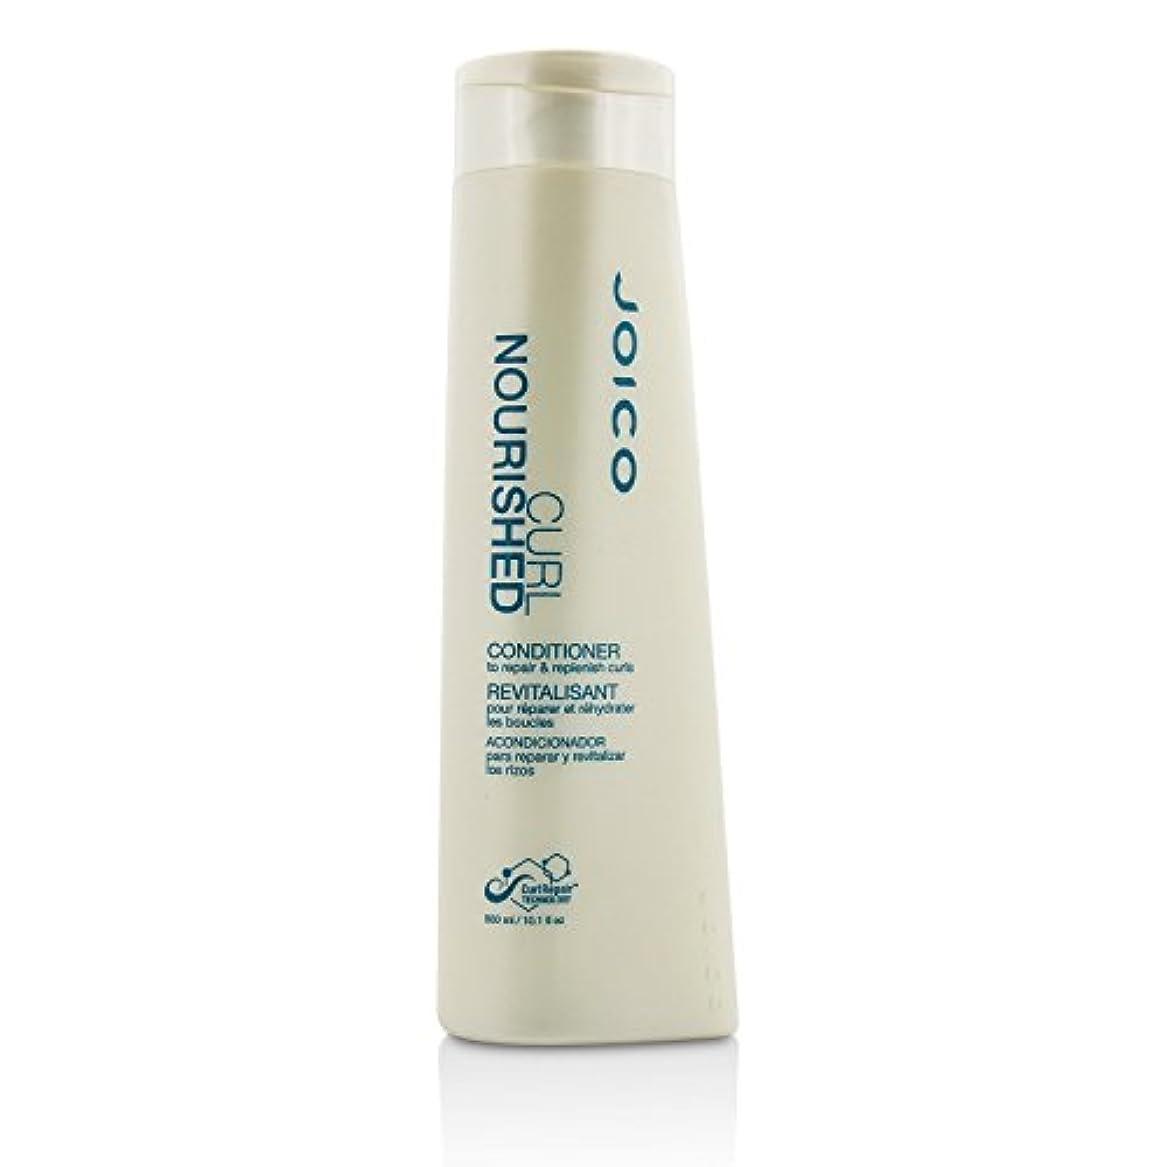 ヒューズ在庫はねかけるジョイコ Curl Nourished Conditioner (To Repair & Nourish Curls) 300ml/10.1oz並行輸入品